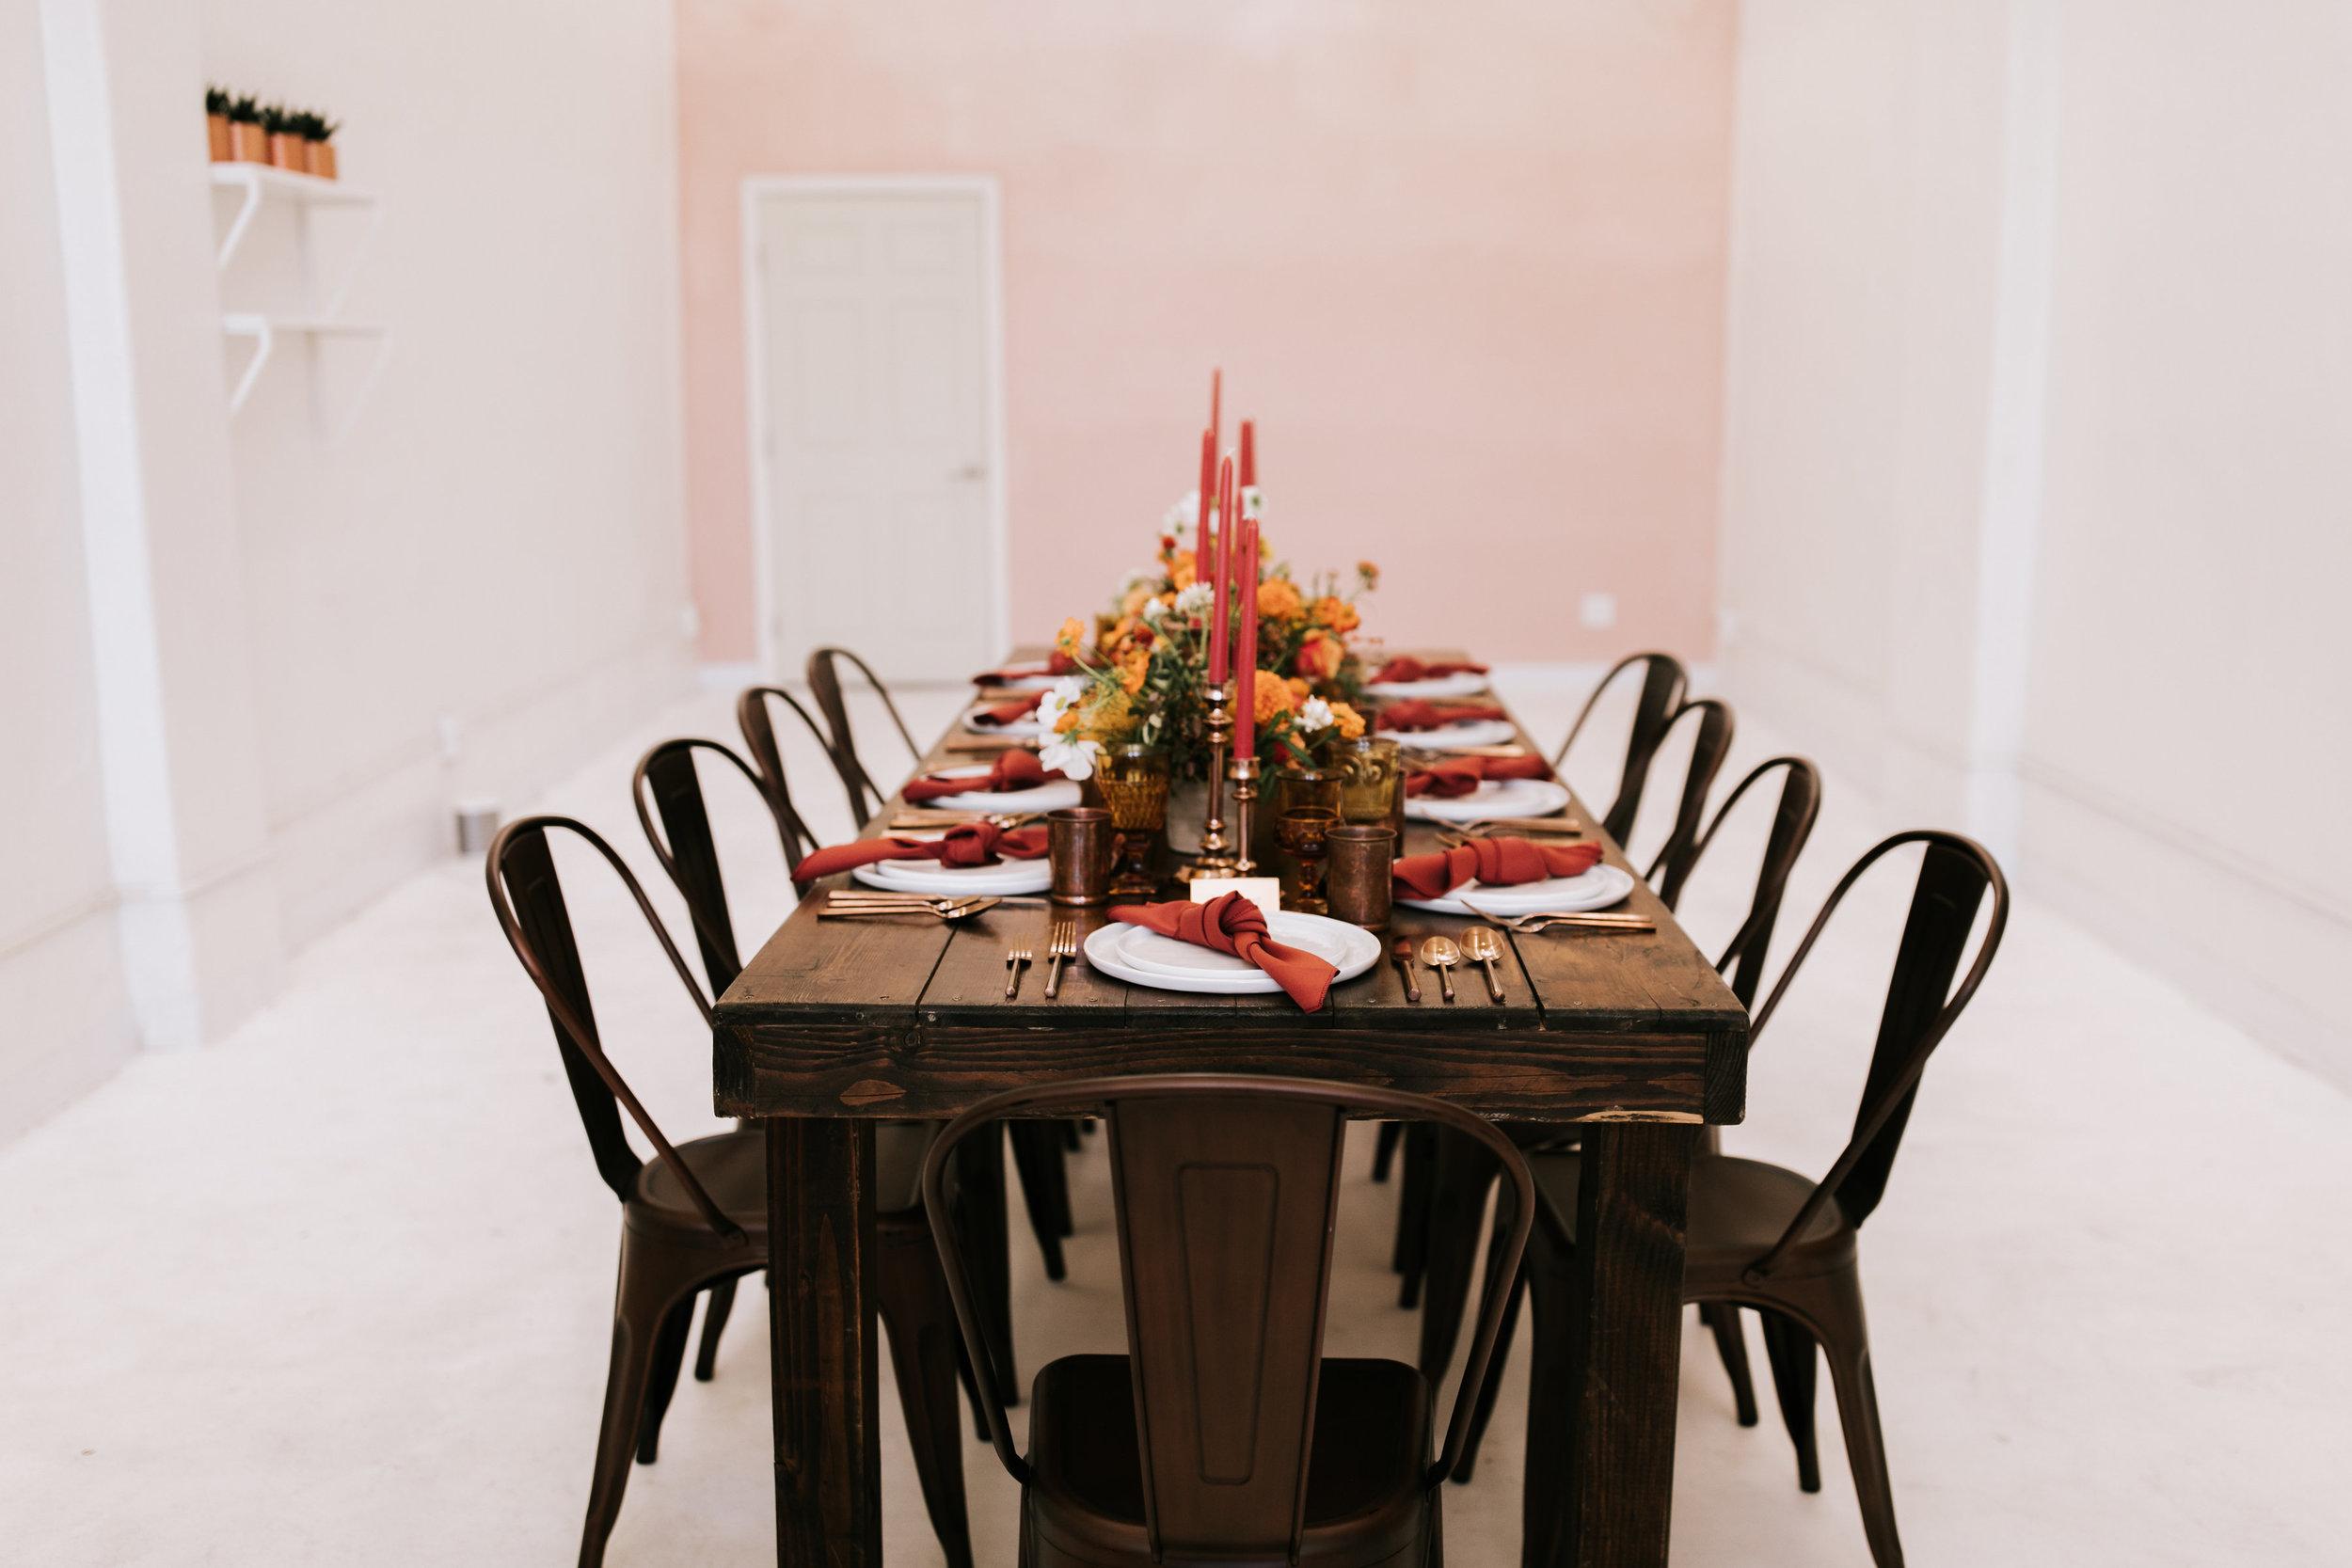 ThanksgivingShoot_045.jpg